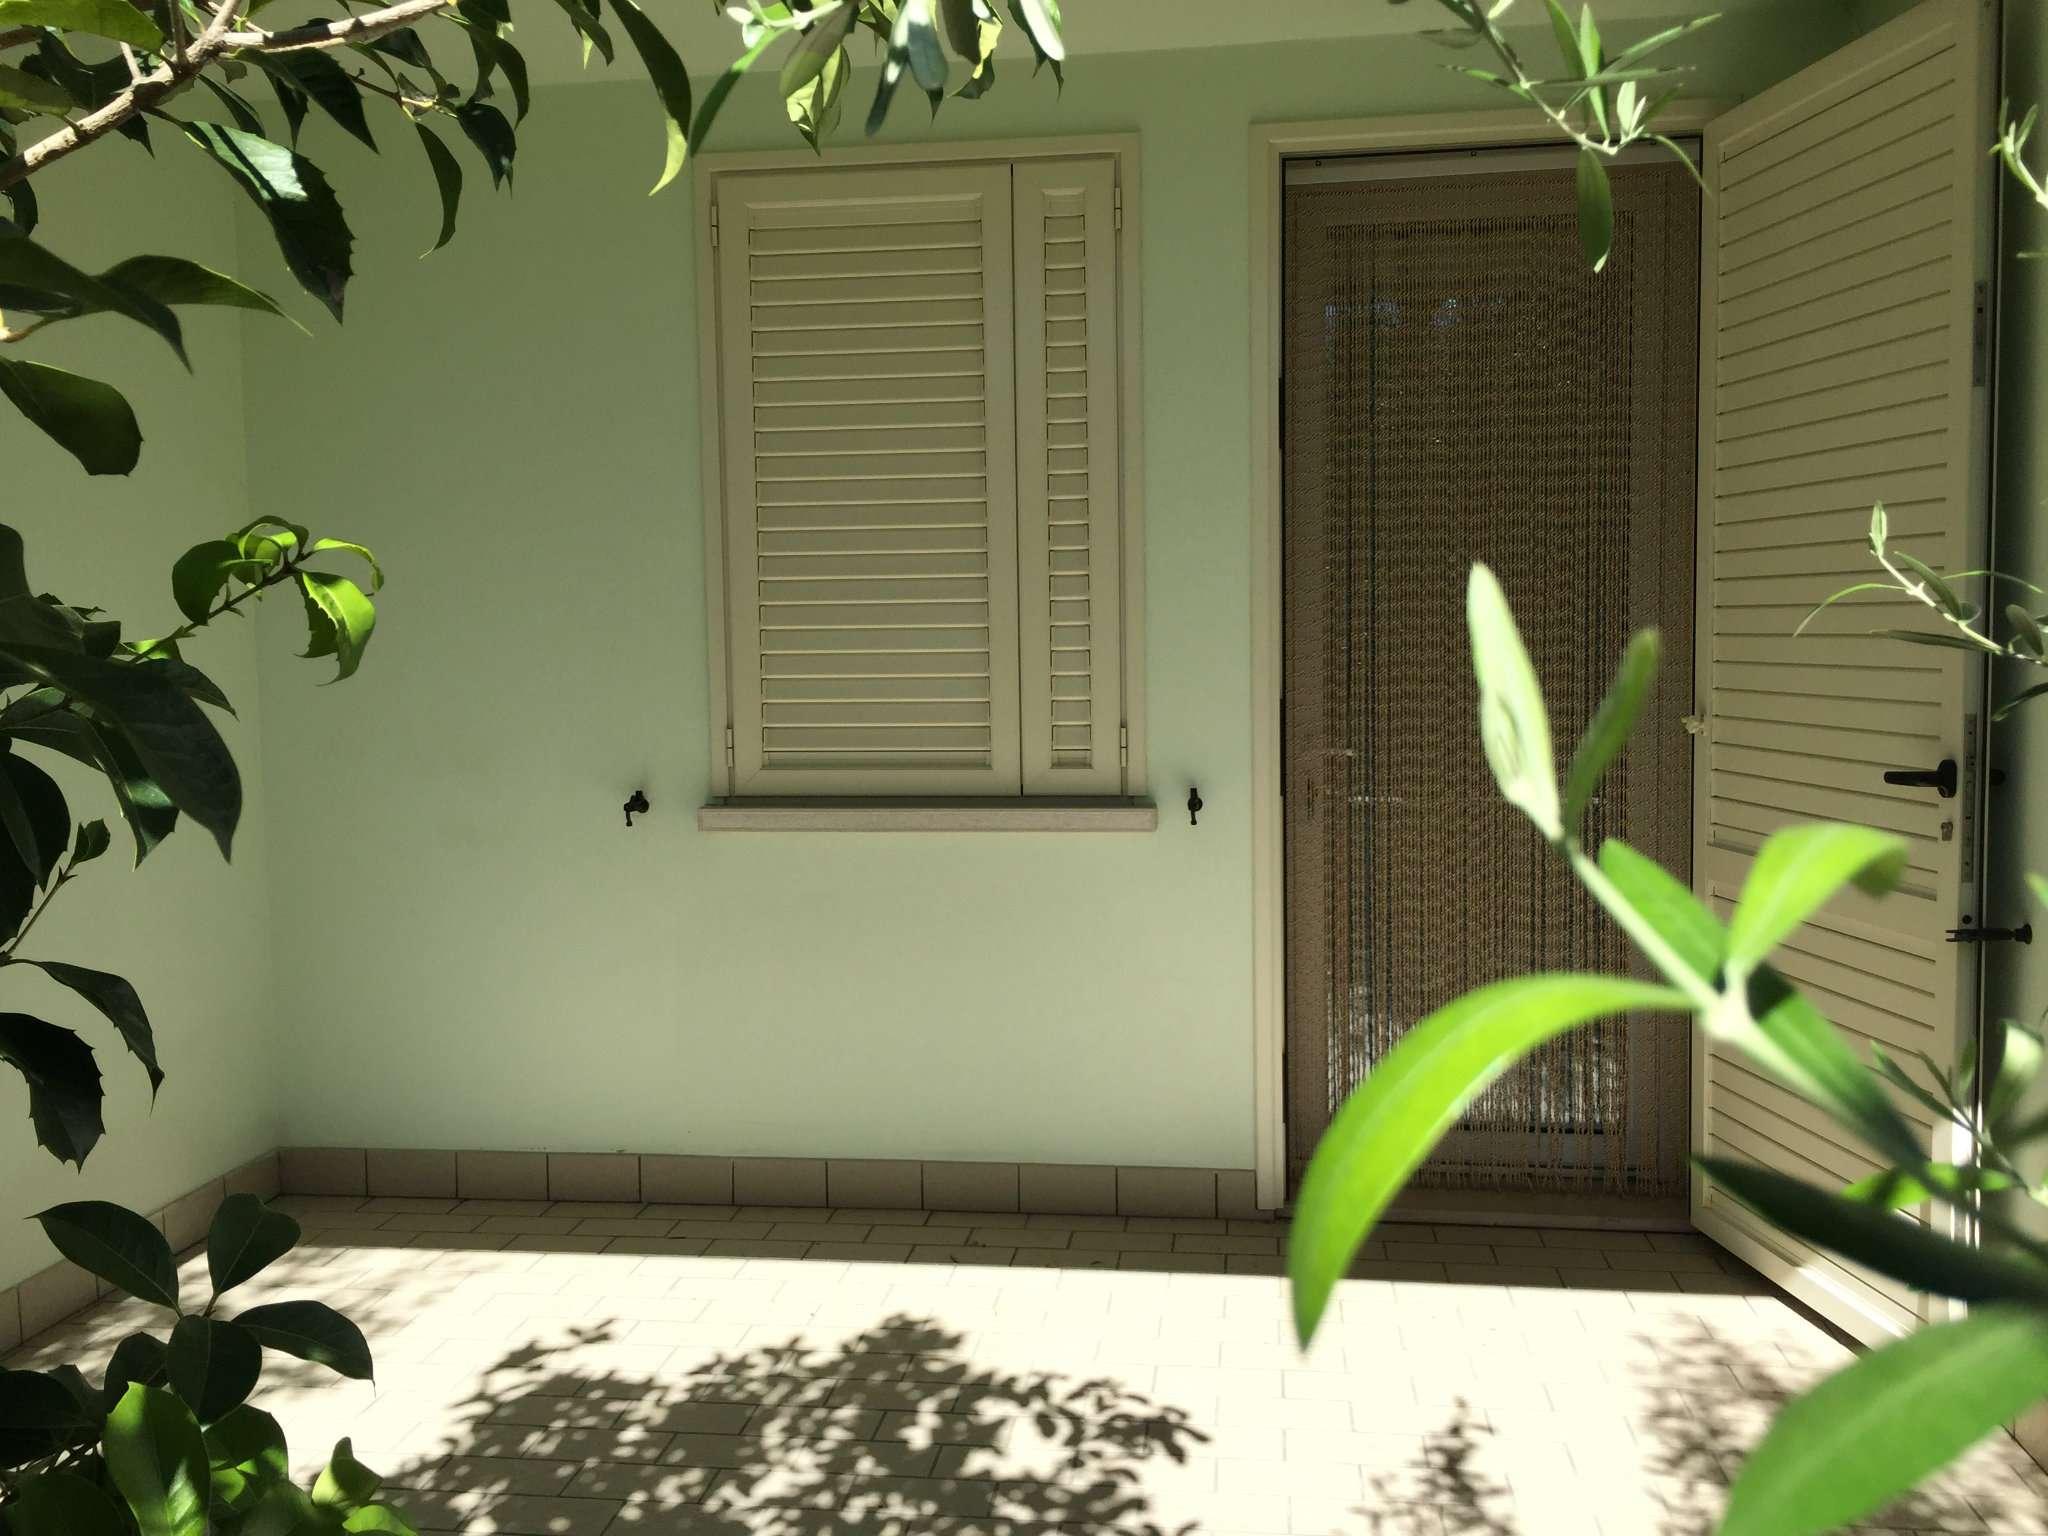 Palazzo / Stabile in vendita a Ravenna, 5 locali, prezzo € 260.000 | CambioCasa.it